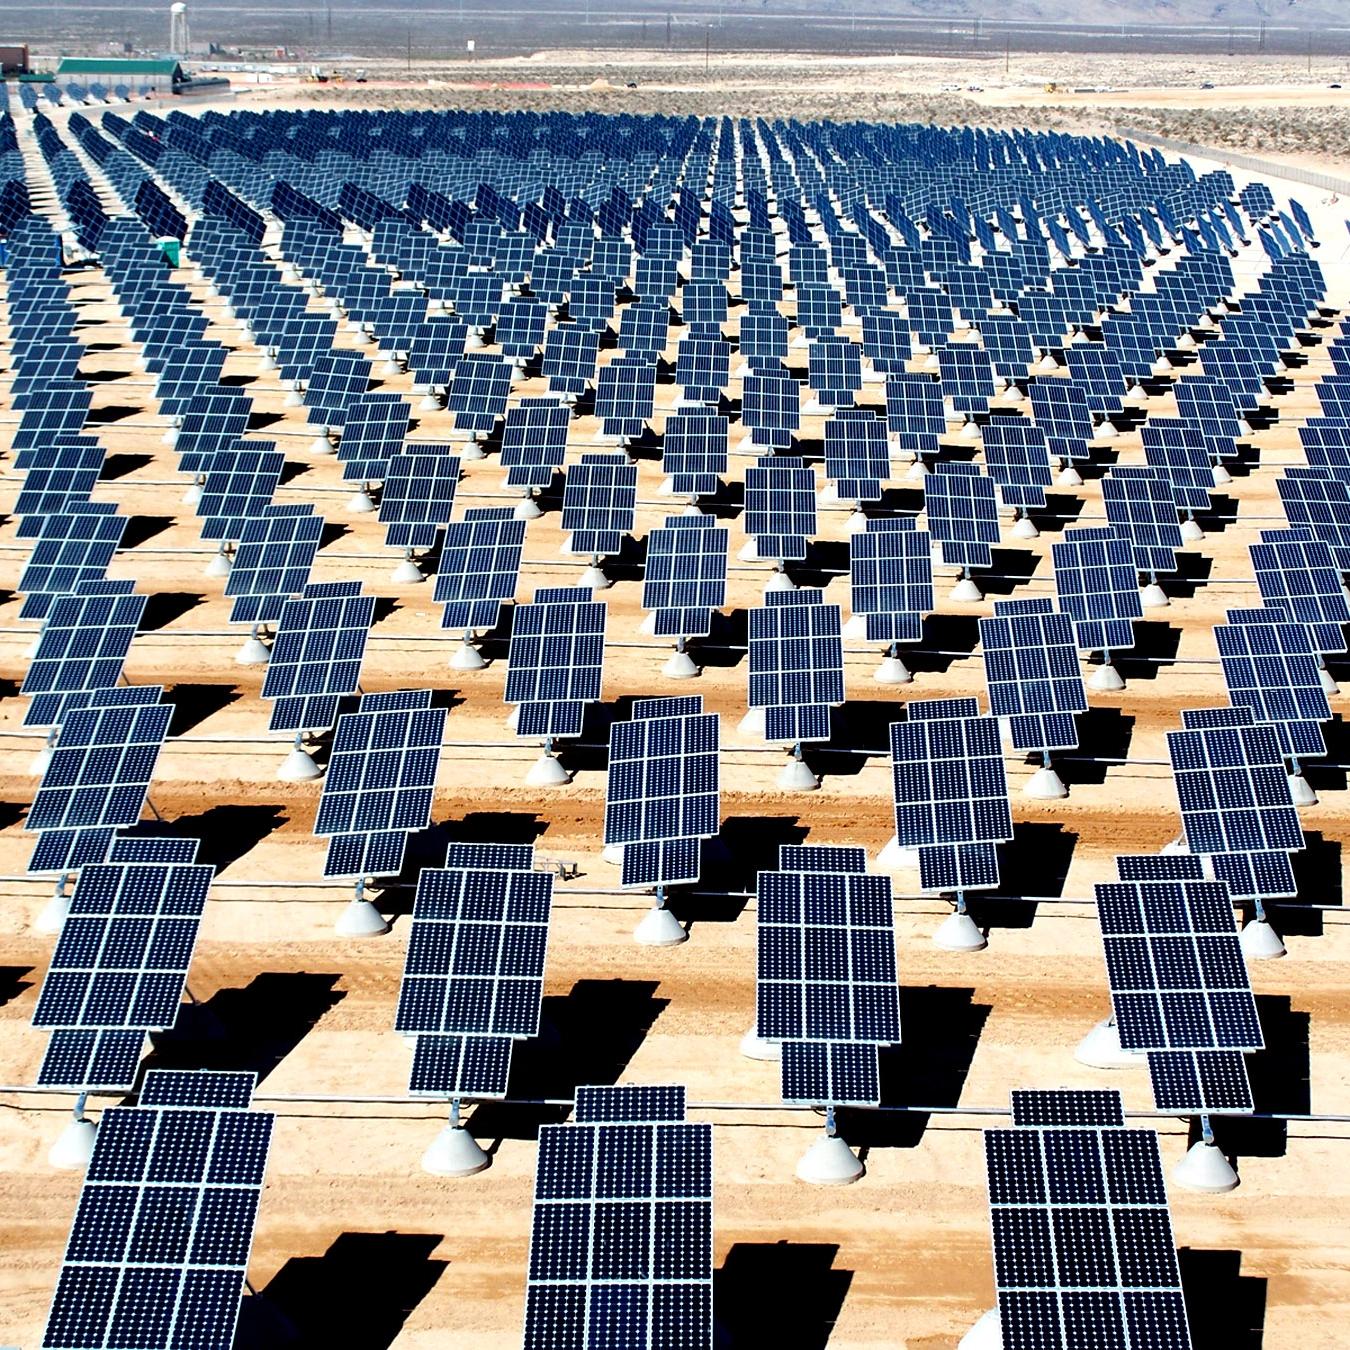 Giant_photovoltaic_array.jpeg